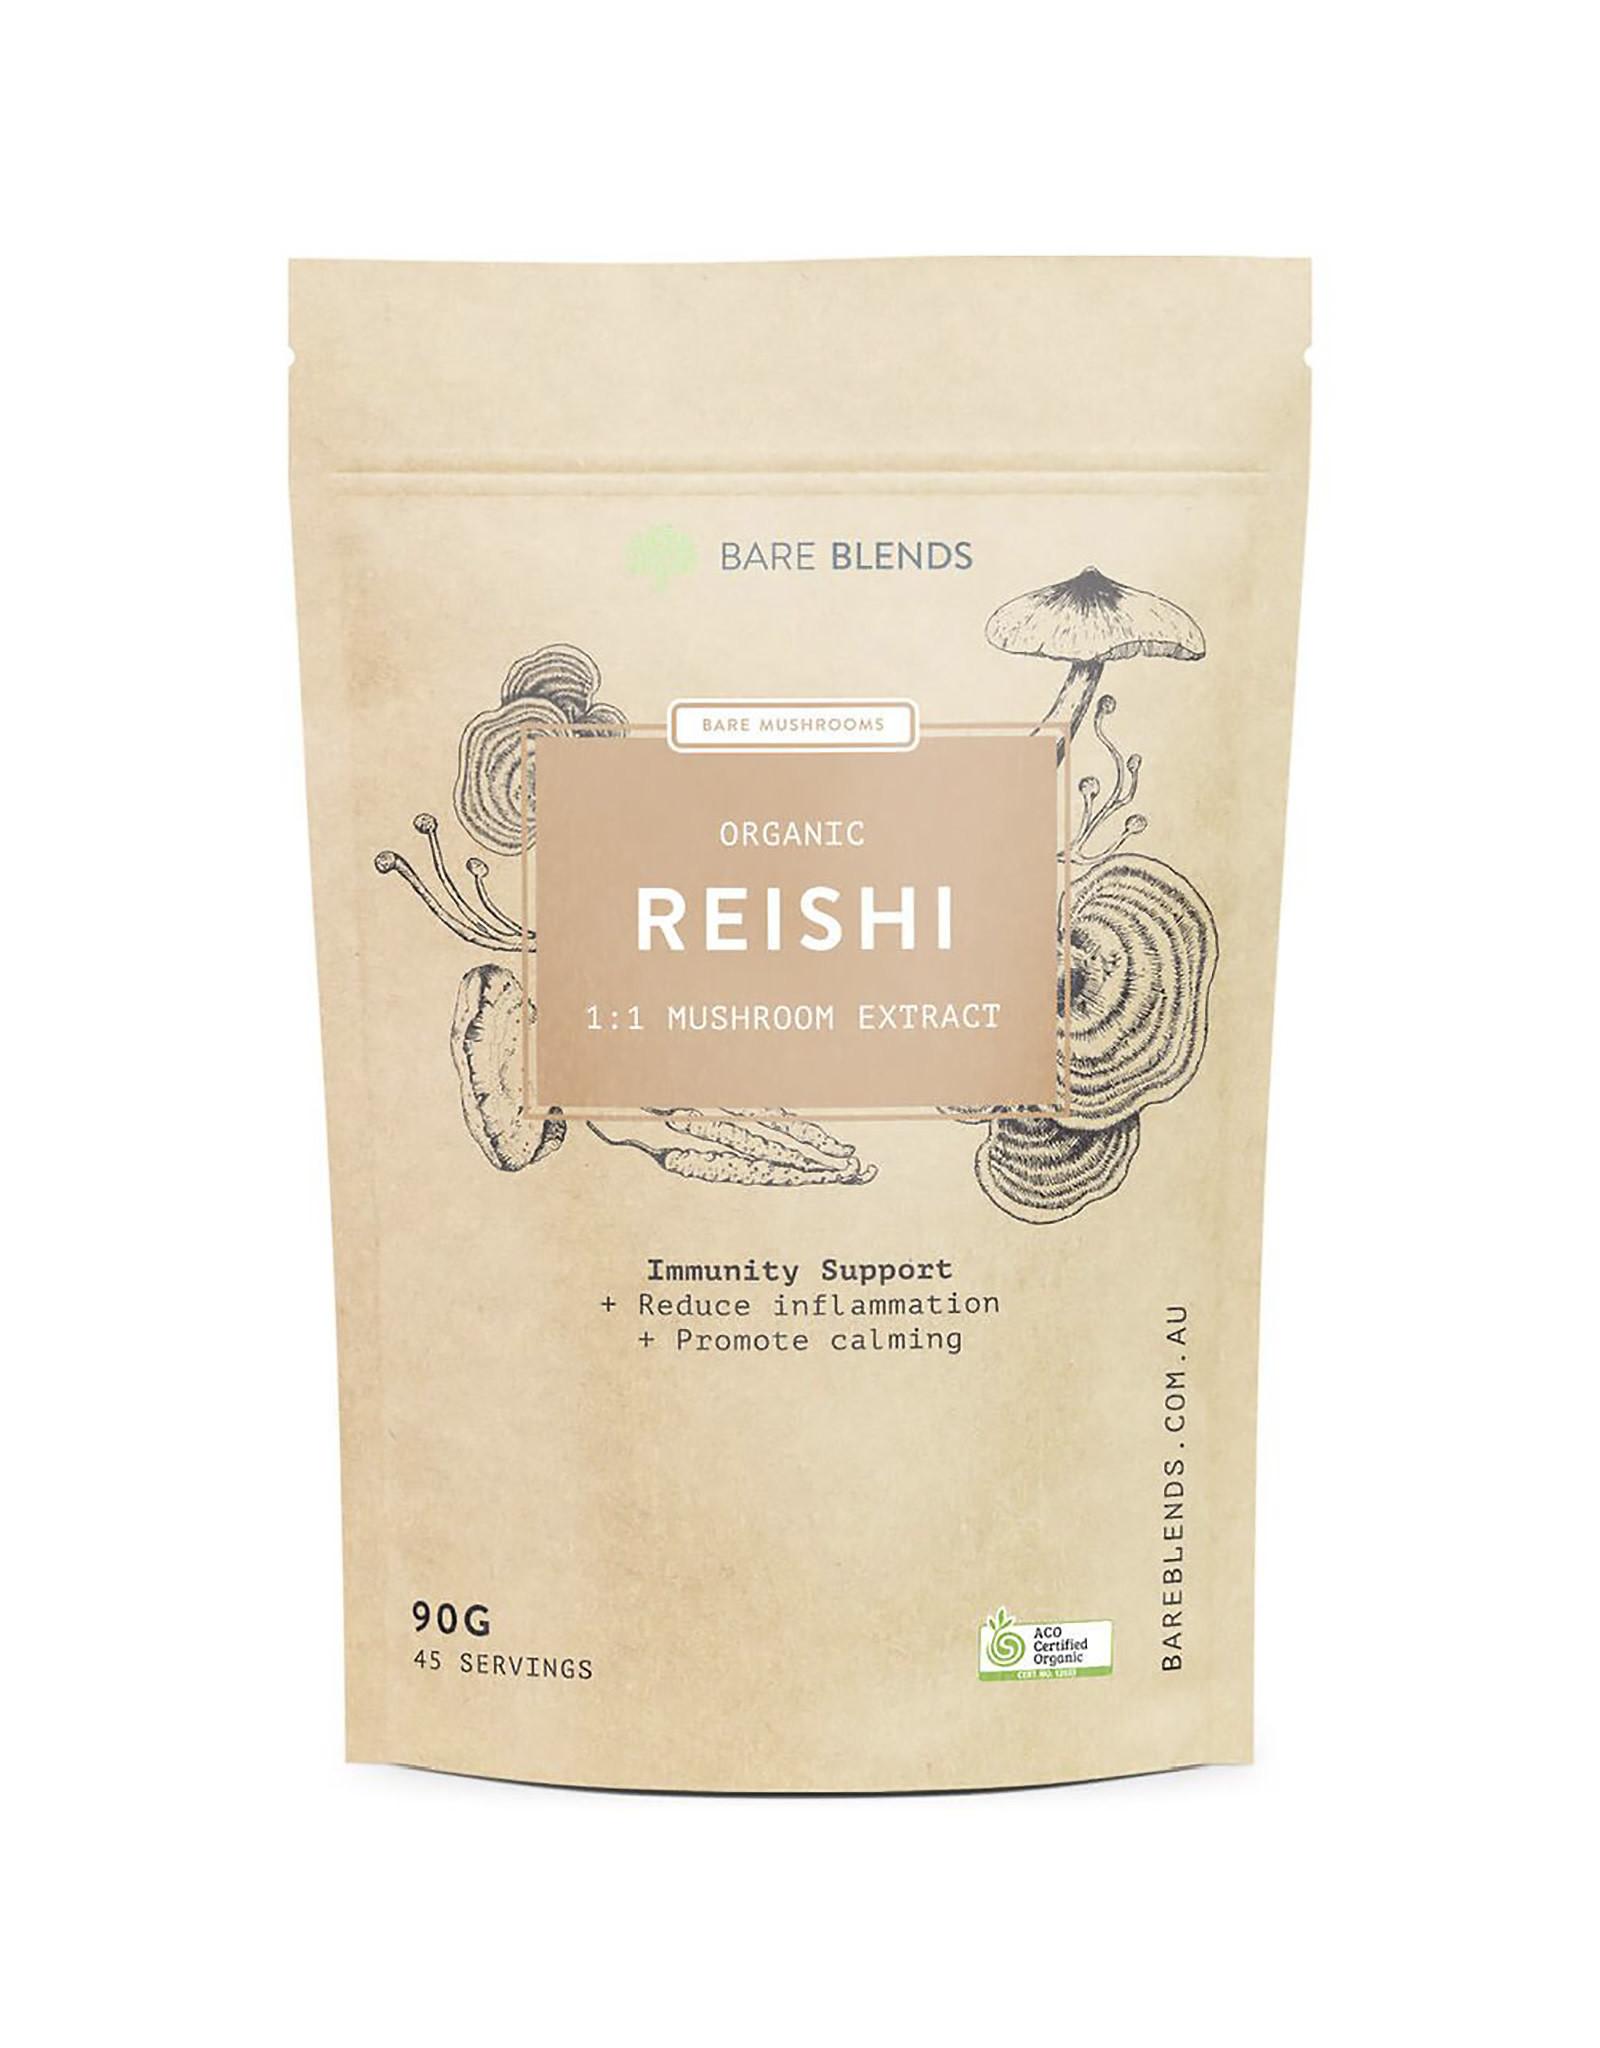 Bare Blends Reishi Mushroom - Organic - 90g